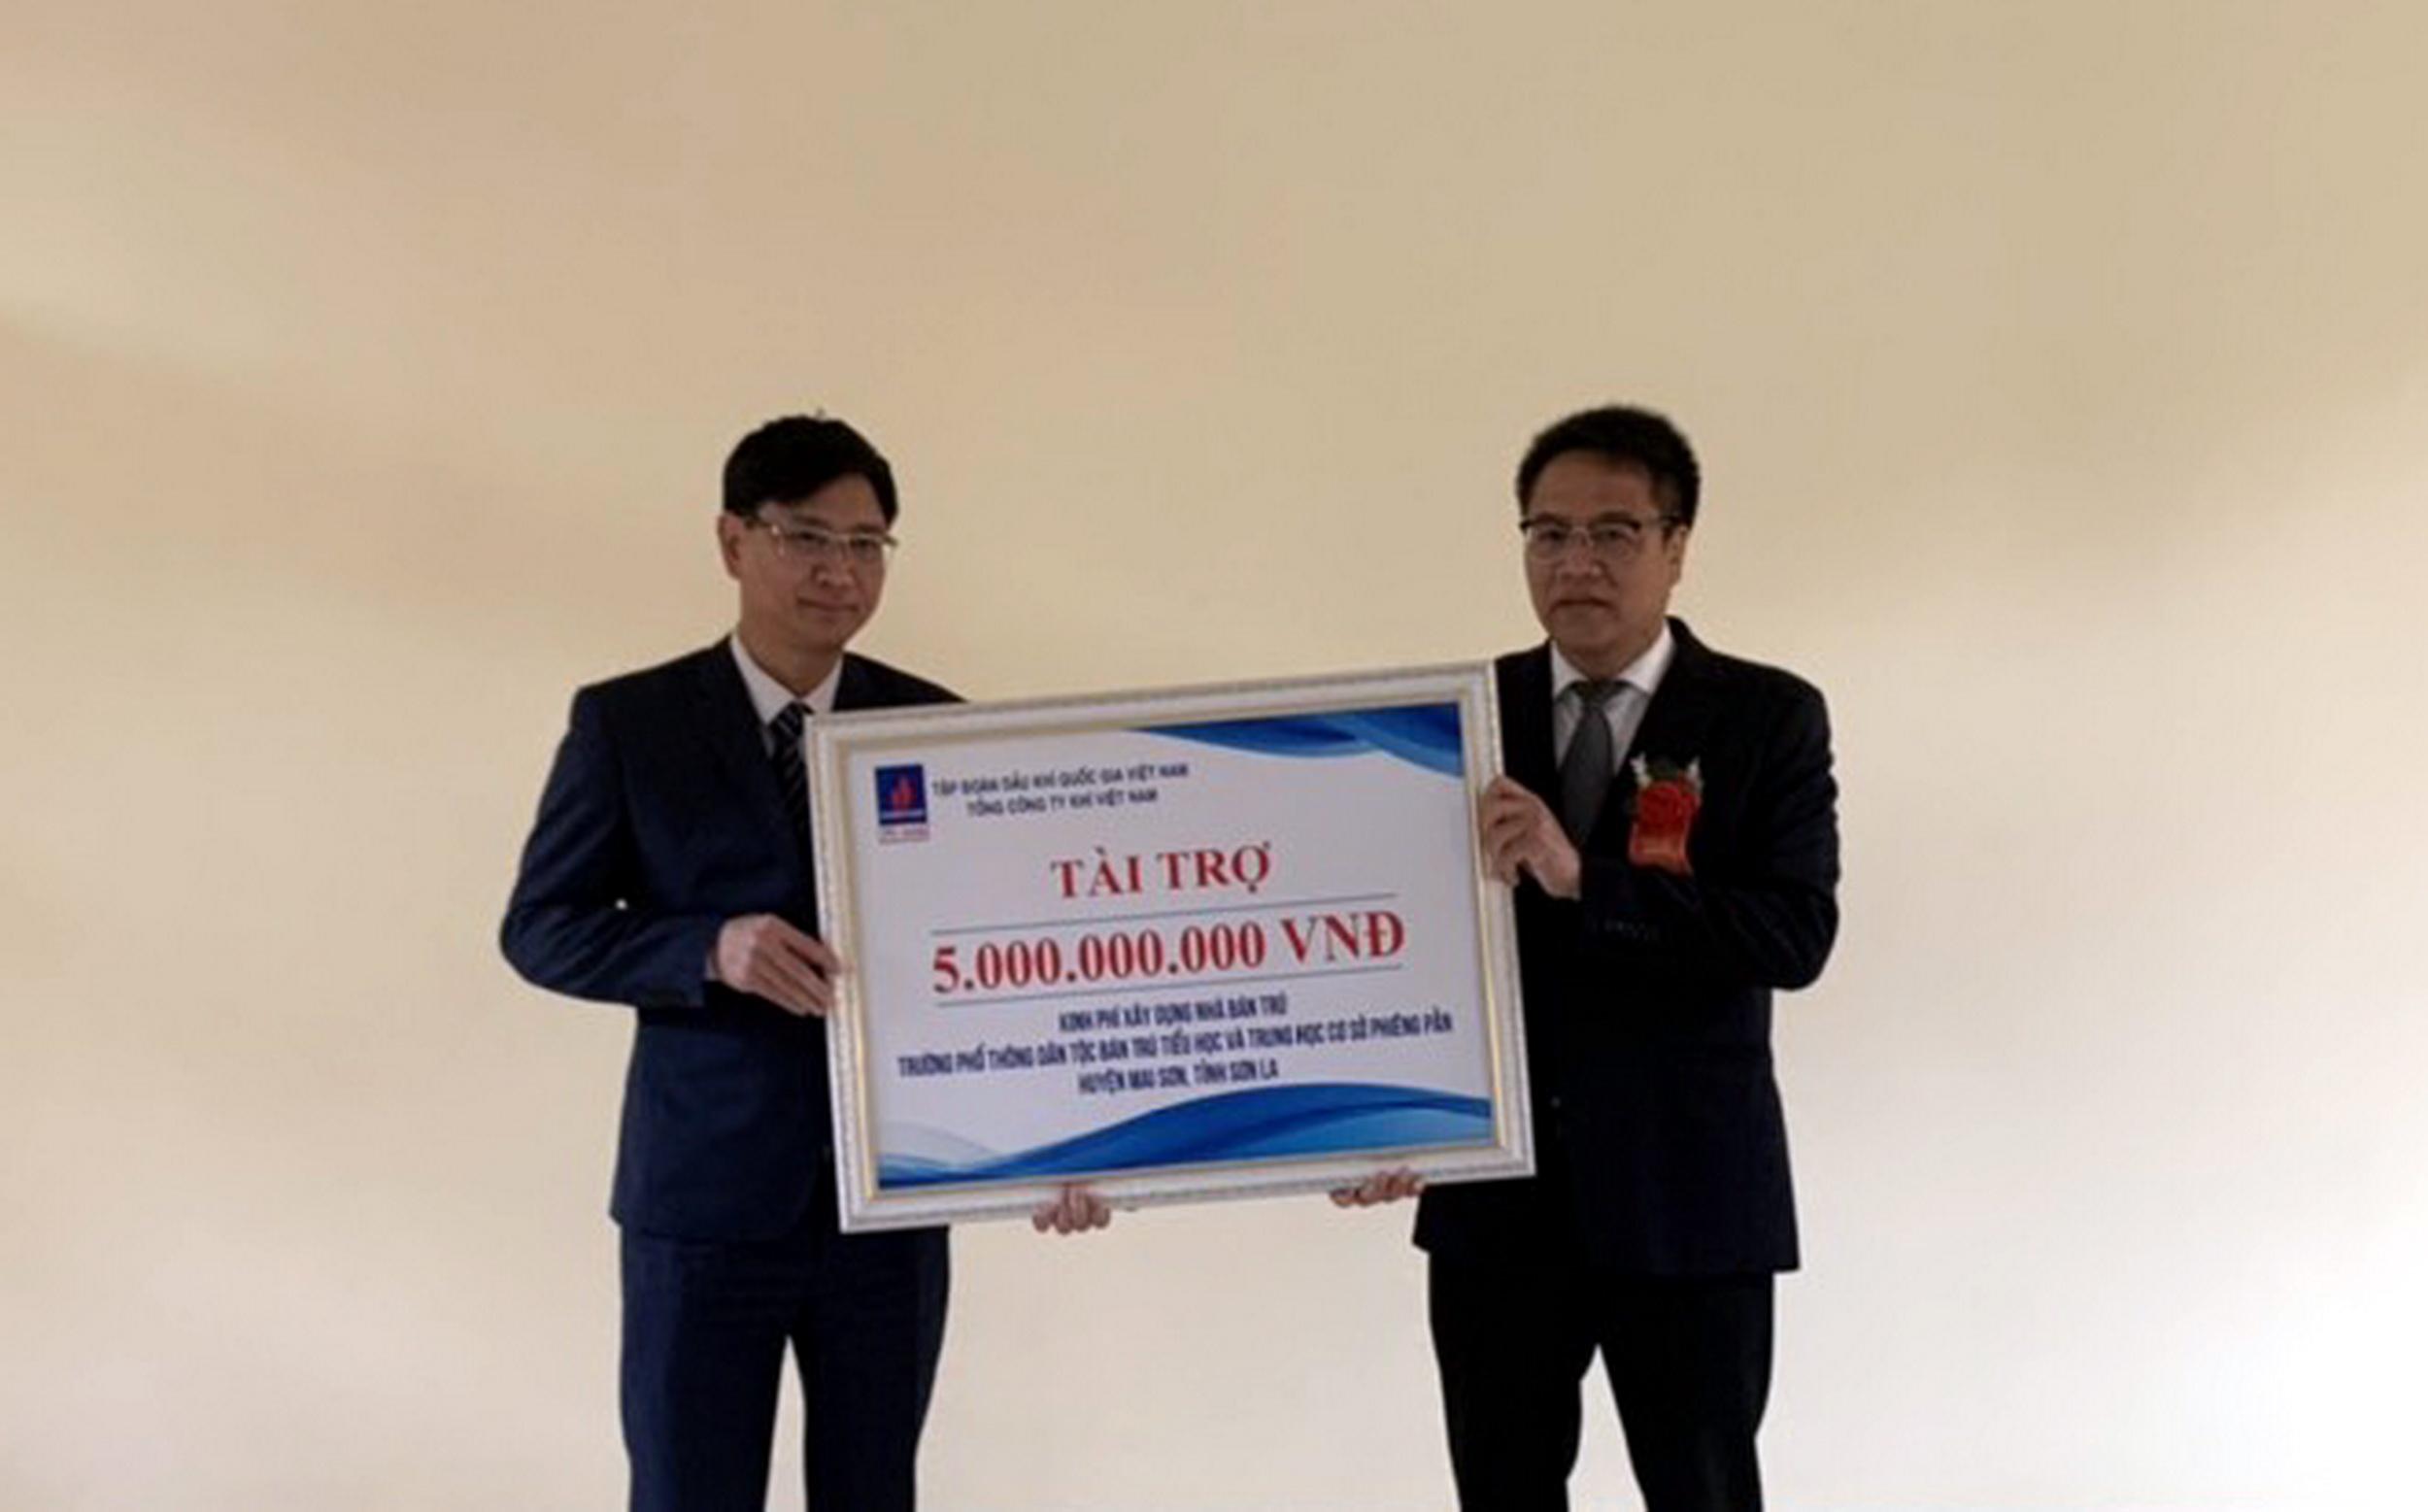 Đại diện lãnh đạo PV GAS trao chứng nhận tài trợ 5 tỷ đồng cho công trình